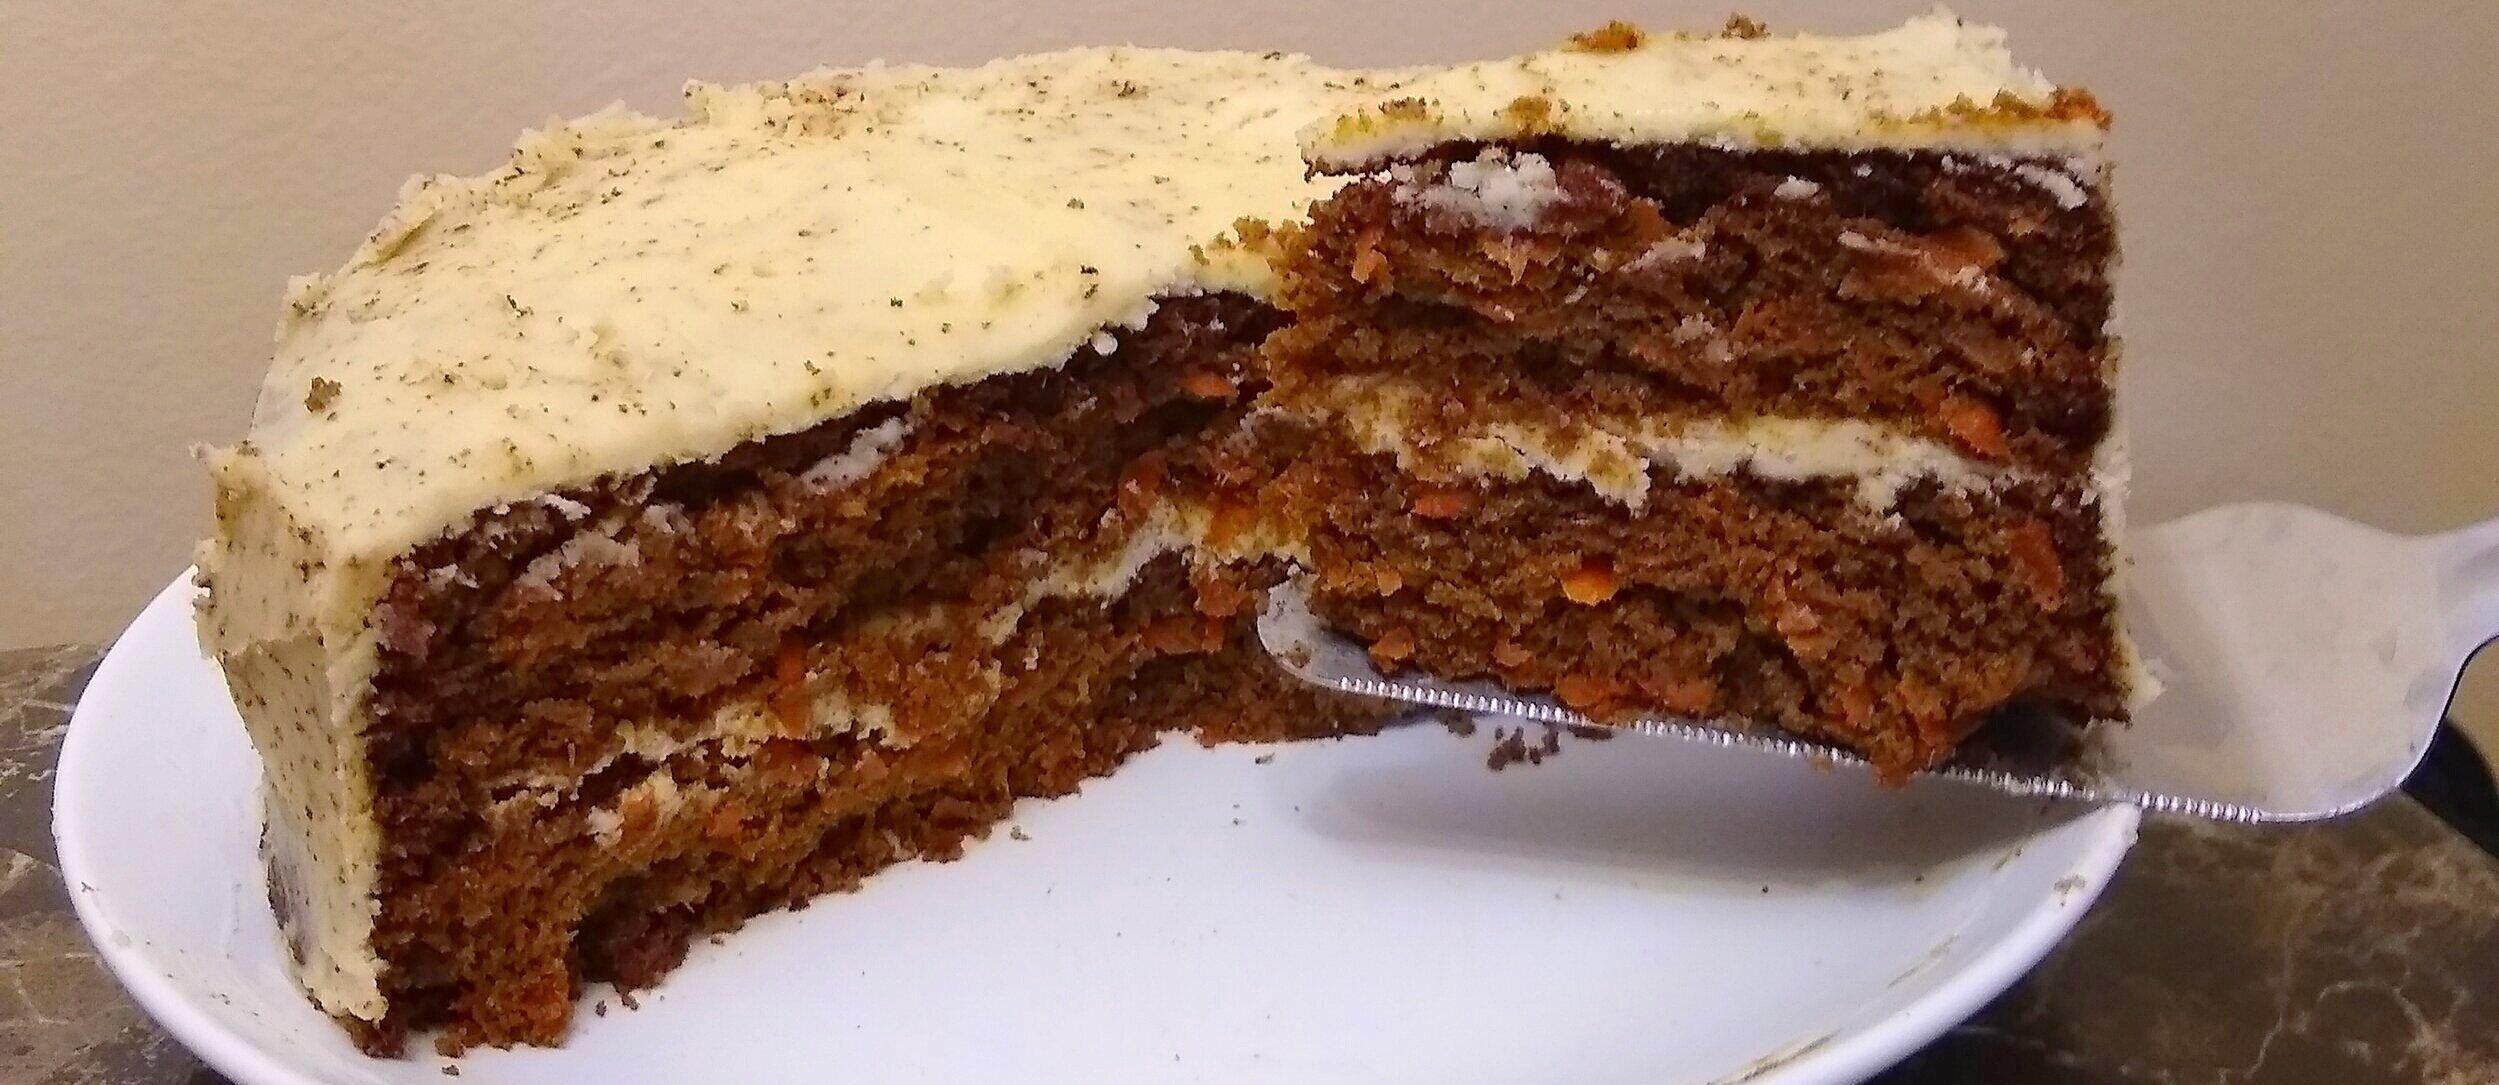 carrot%2Bcake%2Bpage.jpg